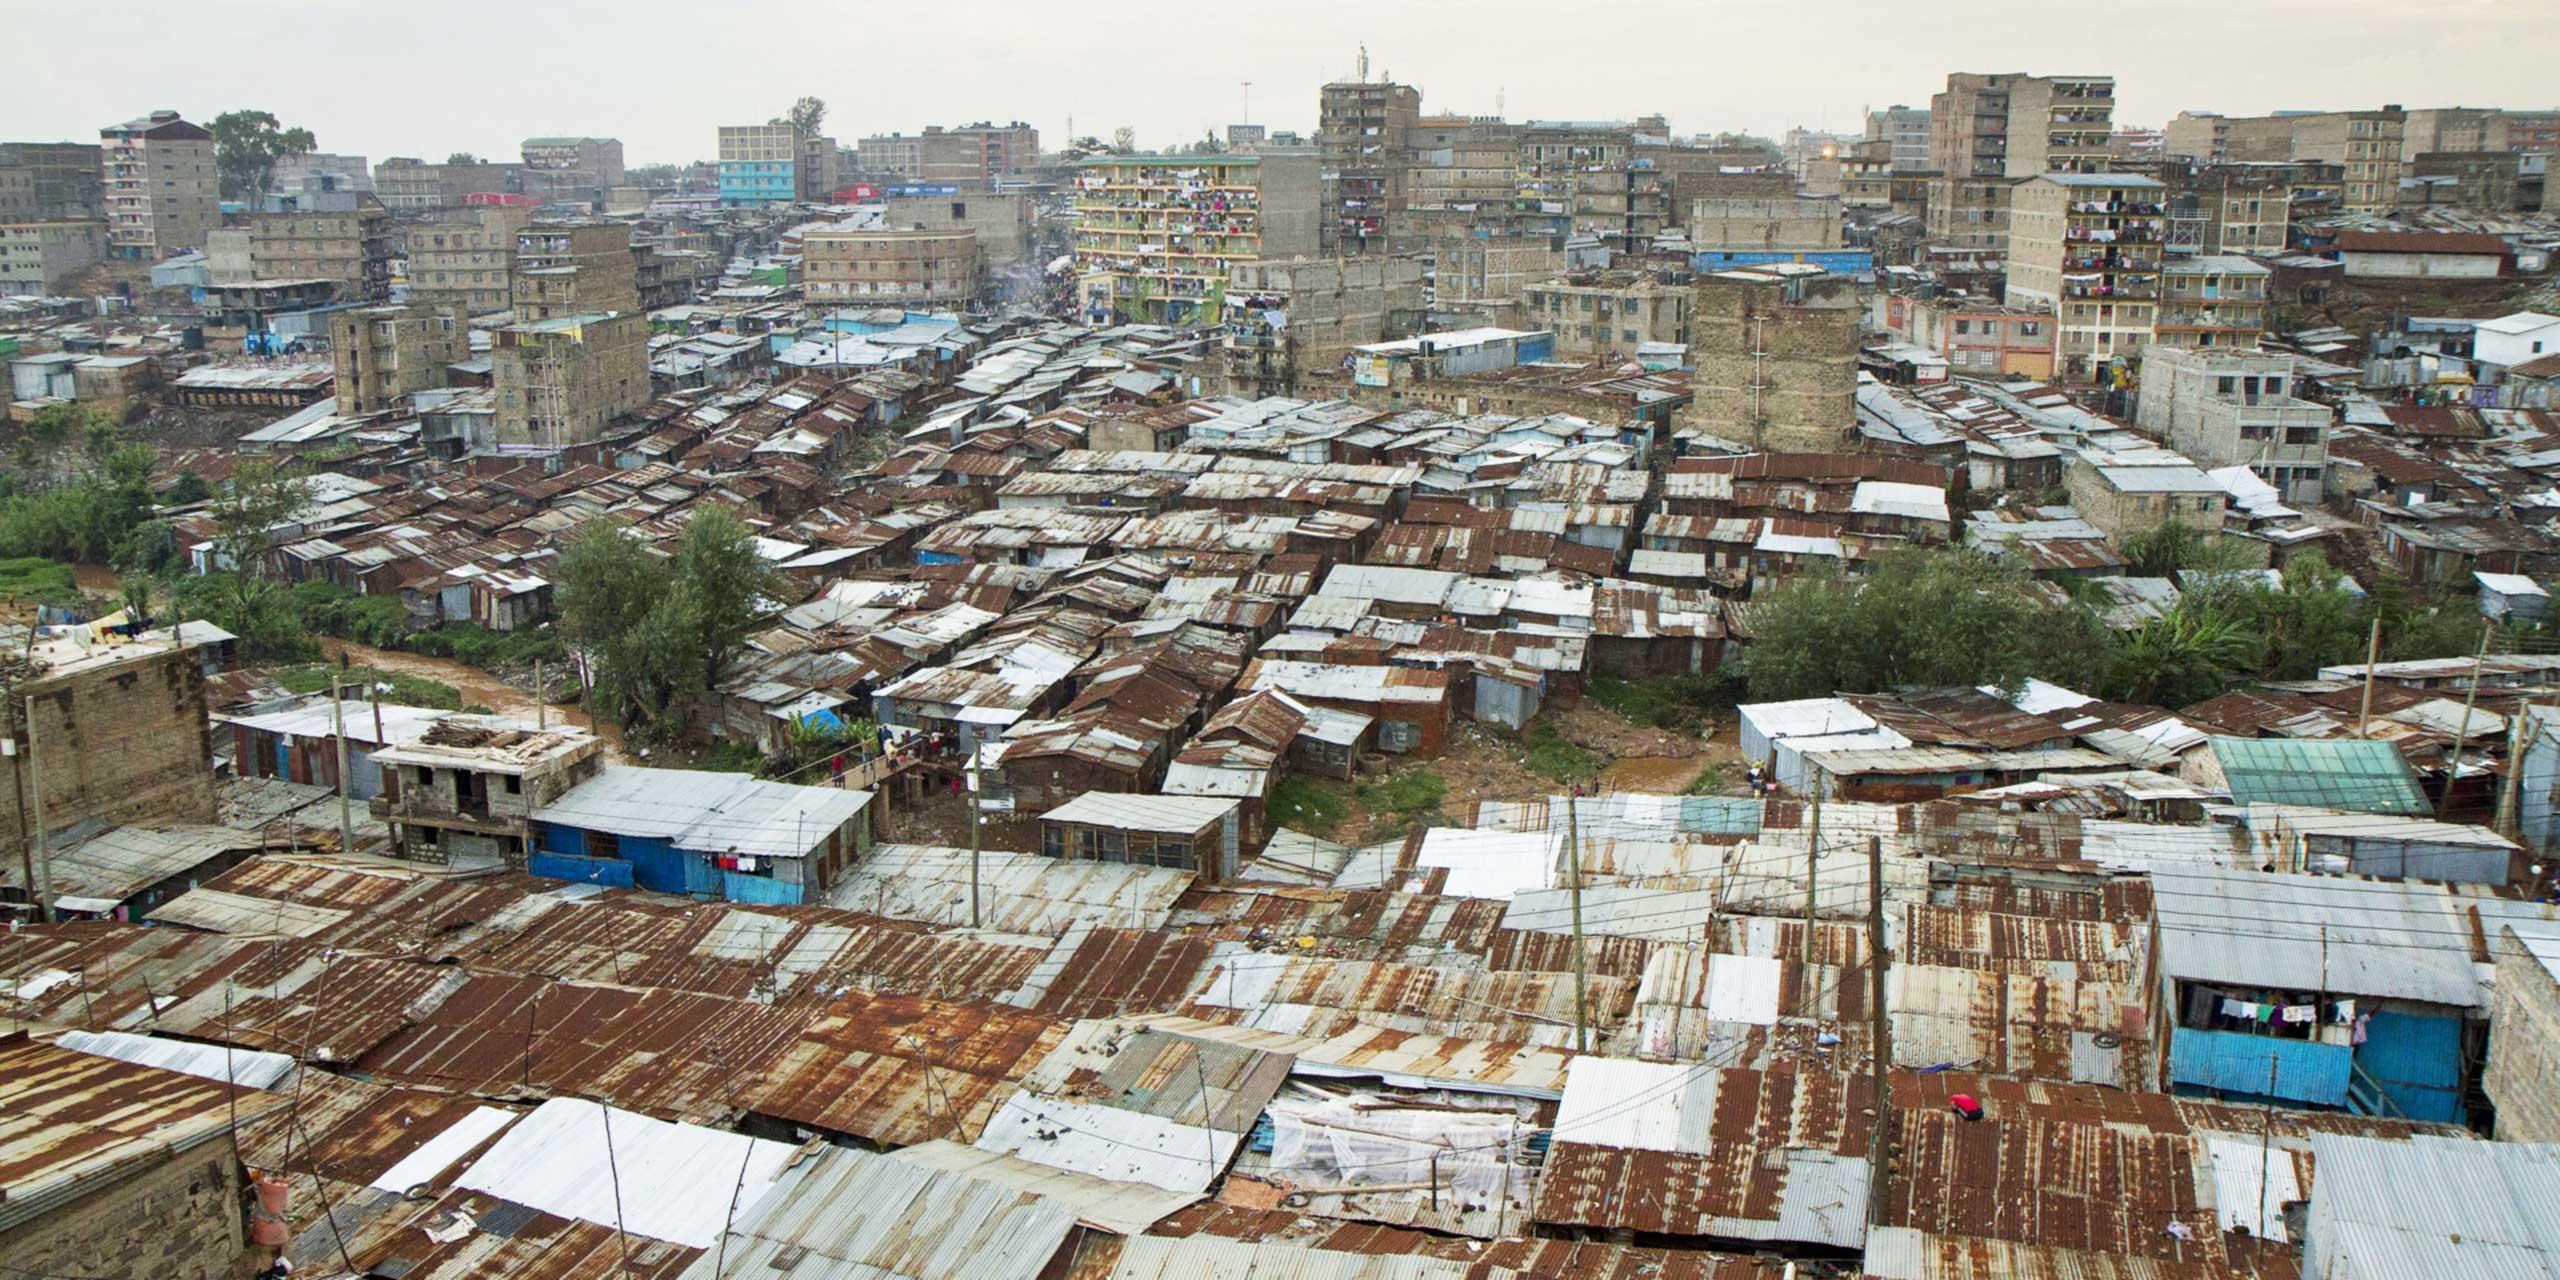 http://skollworldforumorg.c.presscdn.com/wp-content/uploads/2015/01/slum-dwellers-international-sl1.jpg